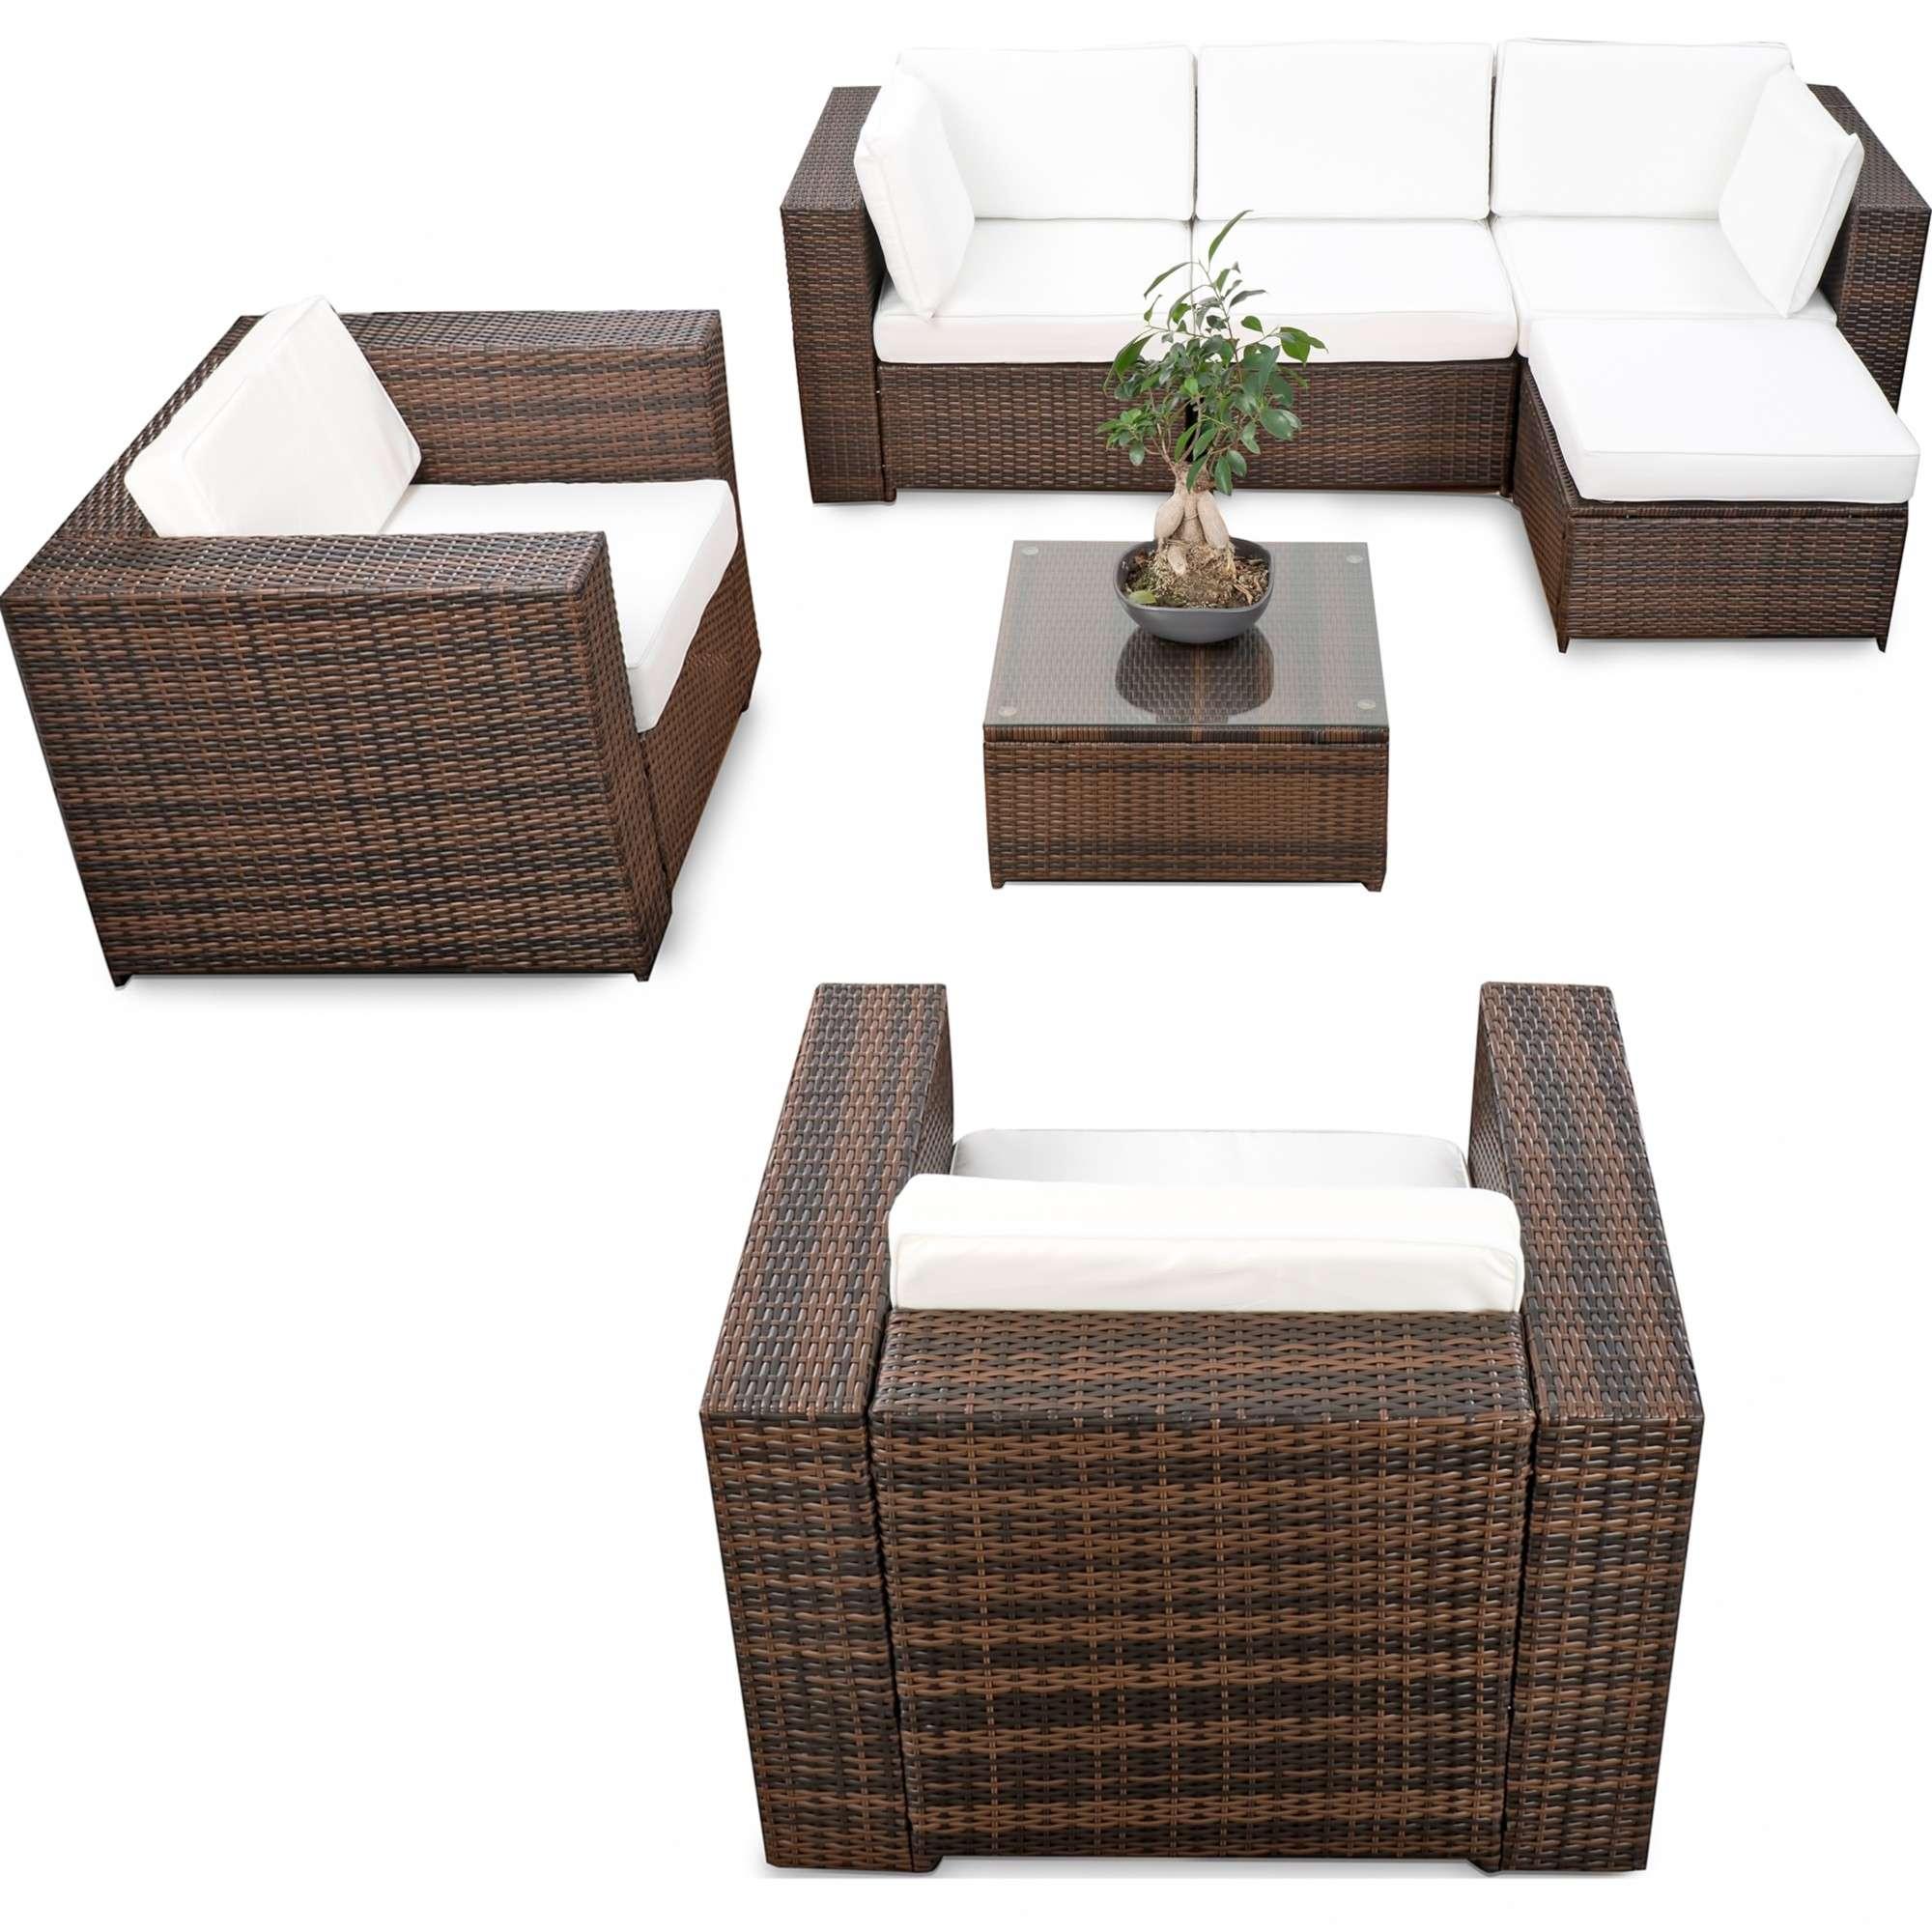 Gartenmöbel Lounge Set ▻ günstig ◅ Loungeset Gartenmöbel kaufen